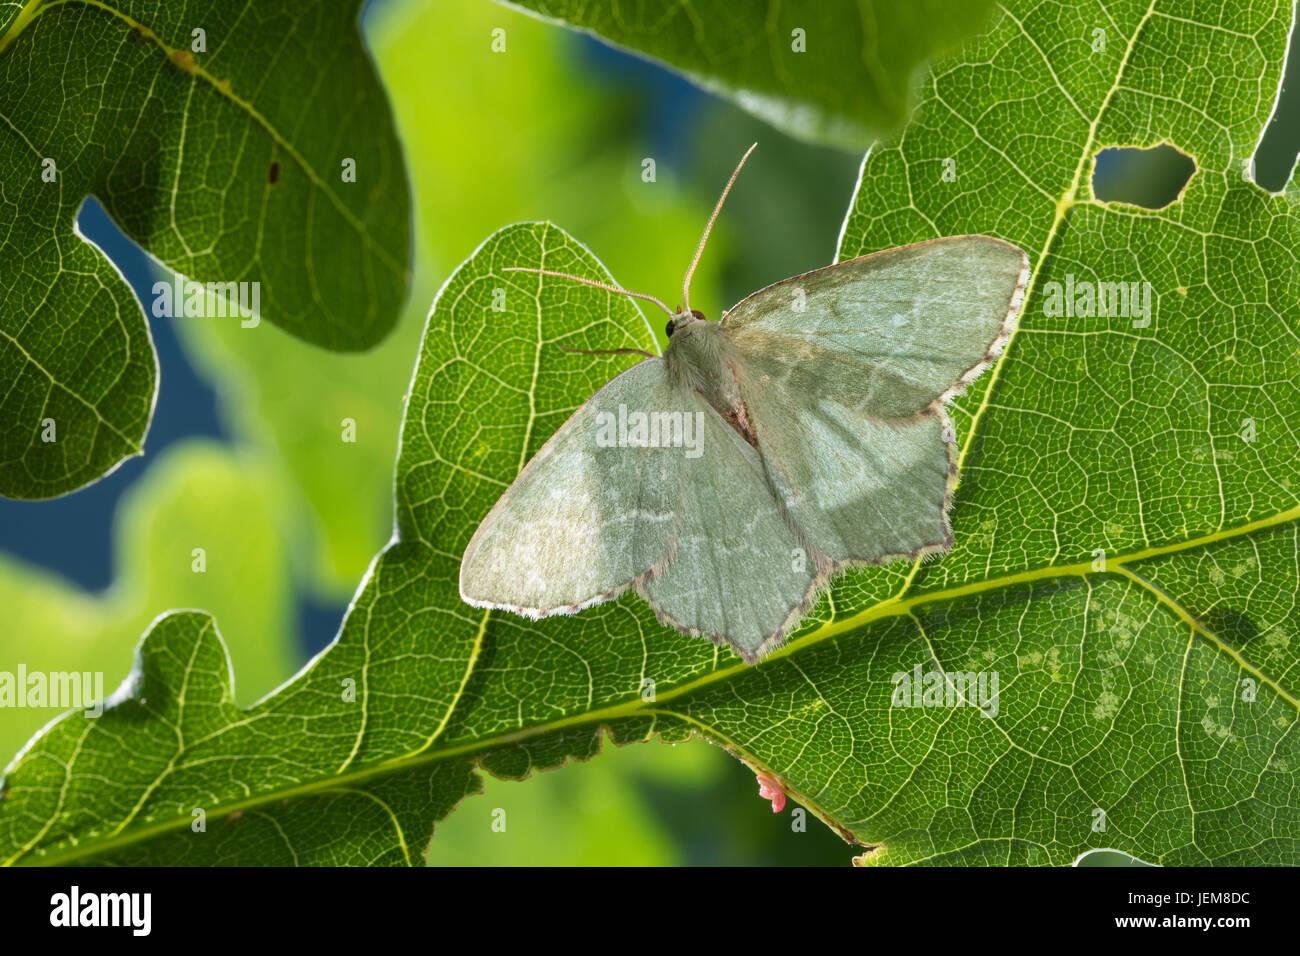 Gebüsch-Grünspanner, Gebüschgrünspanner, Hemithea aestivaria, Hemithea krajniki, common emerald, - Stock Image